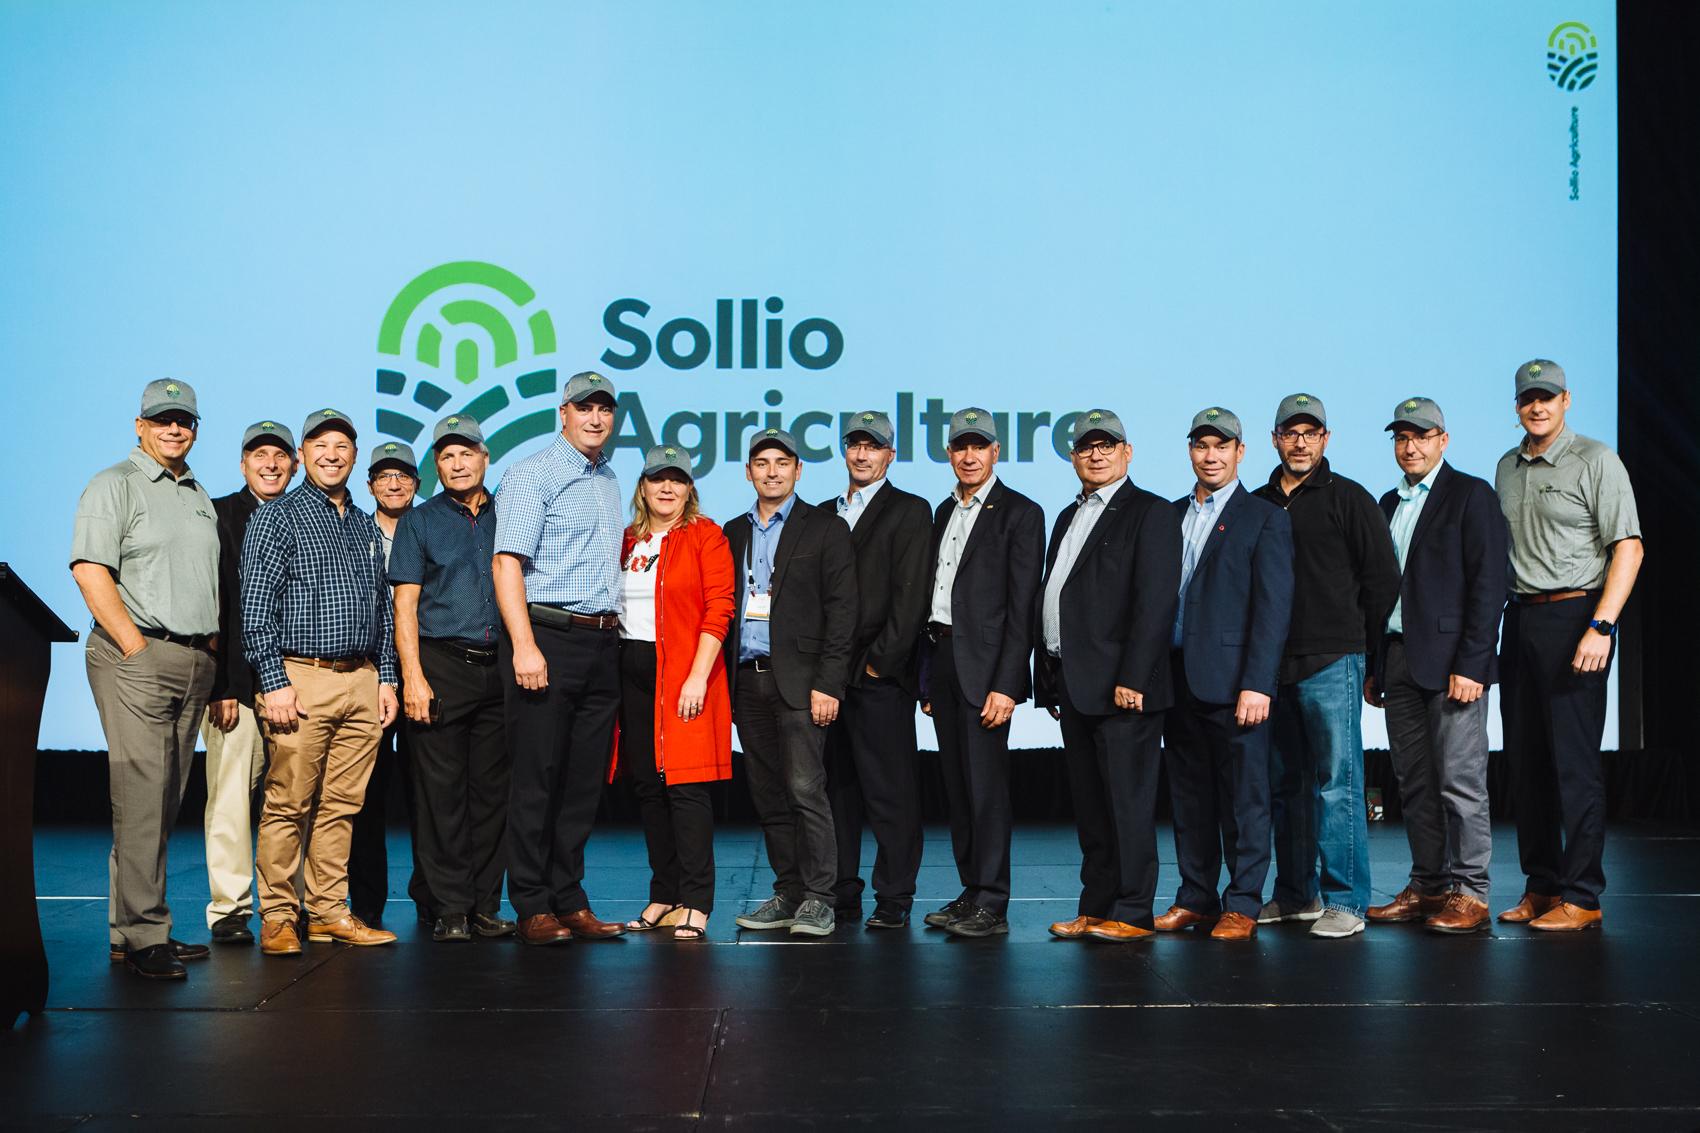 Sollio Agriculture, nouveau nom de La Division agricole de La Coop fédérée